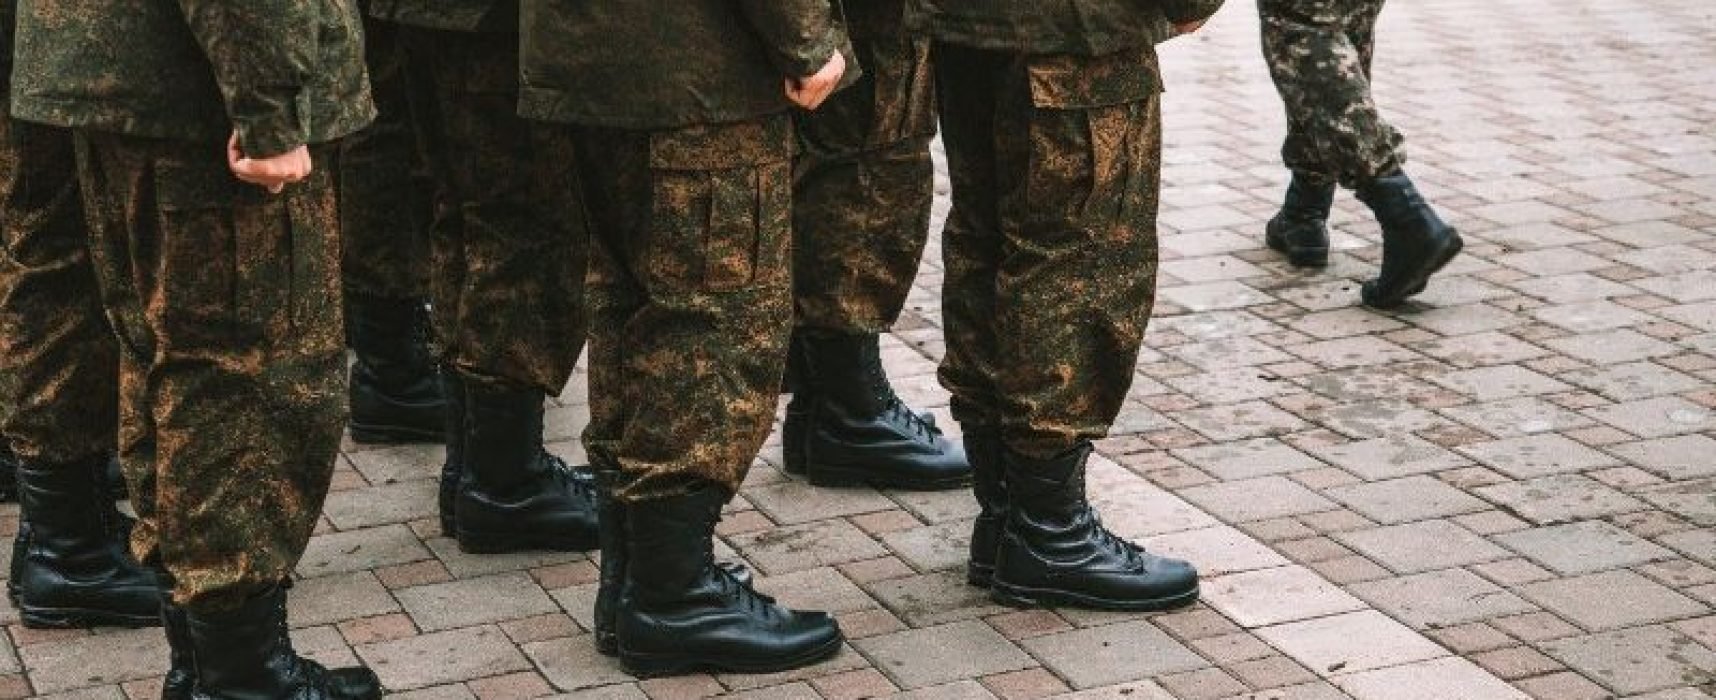 Фейк Міноборони РФ: у російській армії повністю викорінили дідівщину